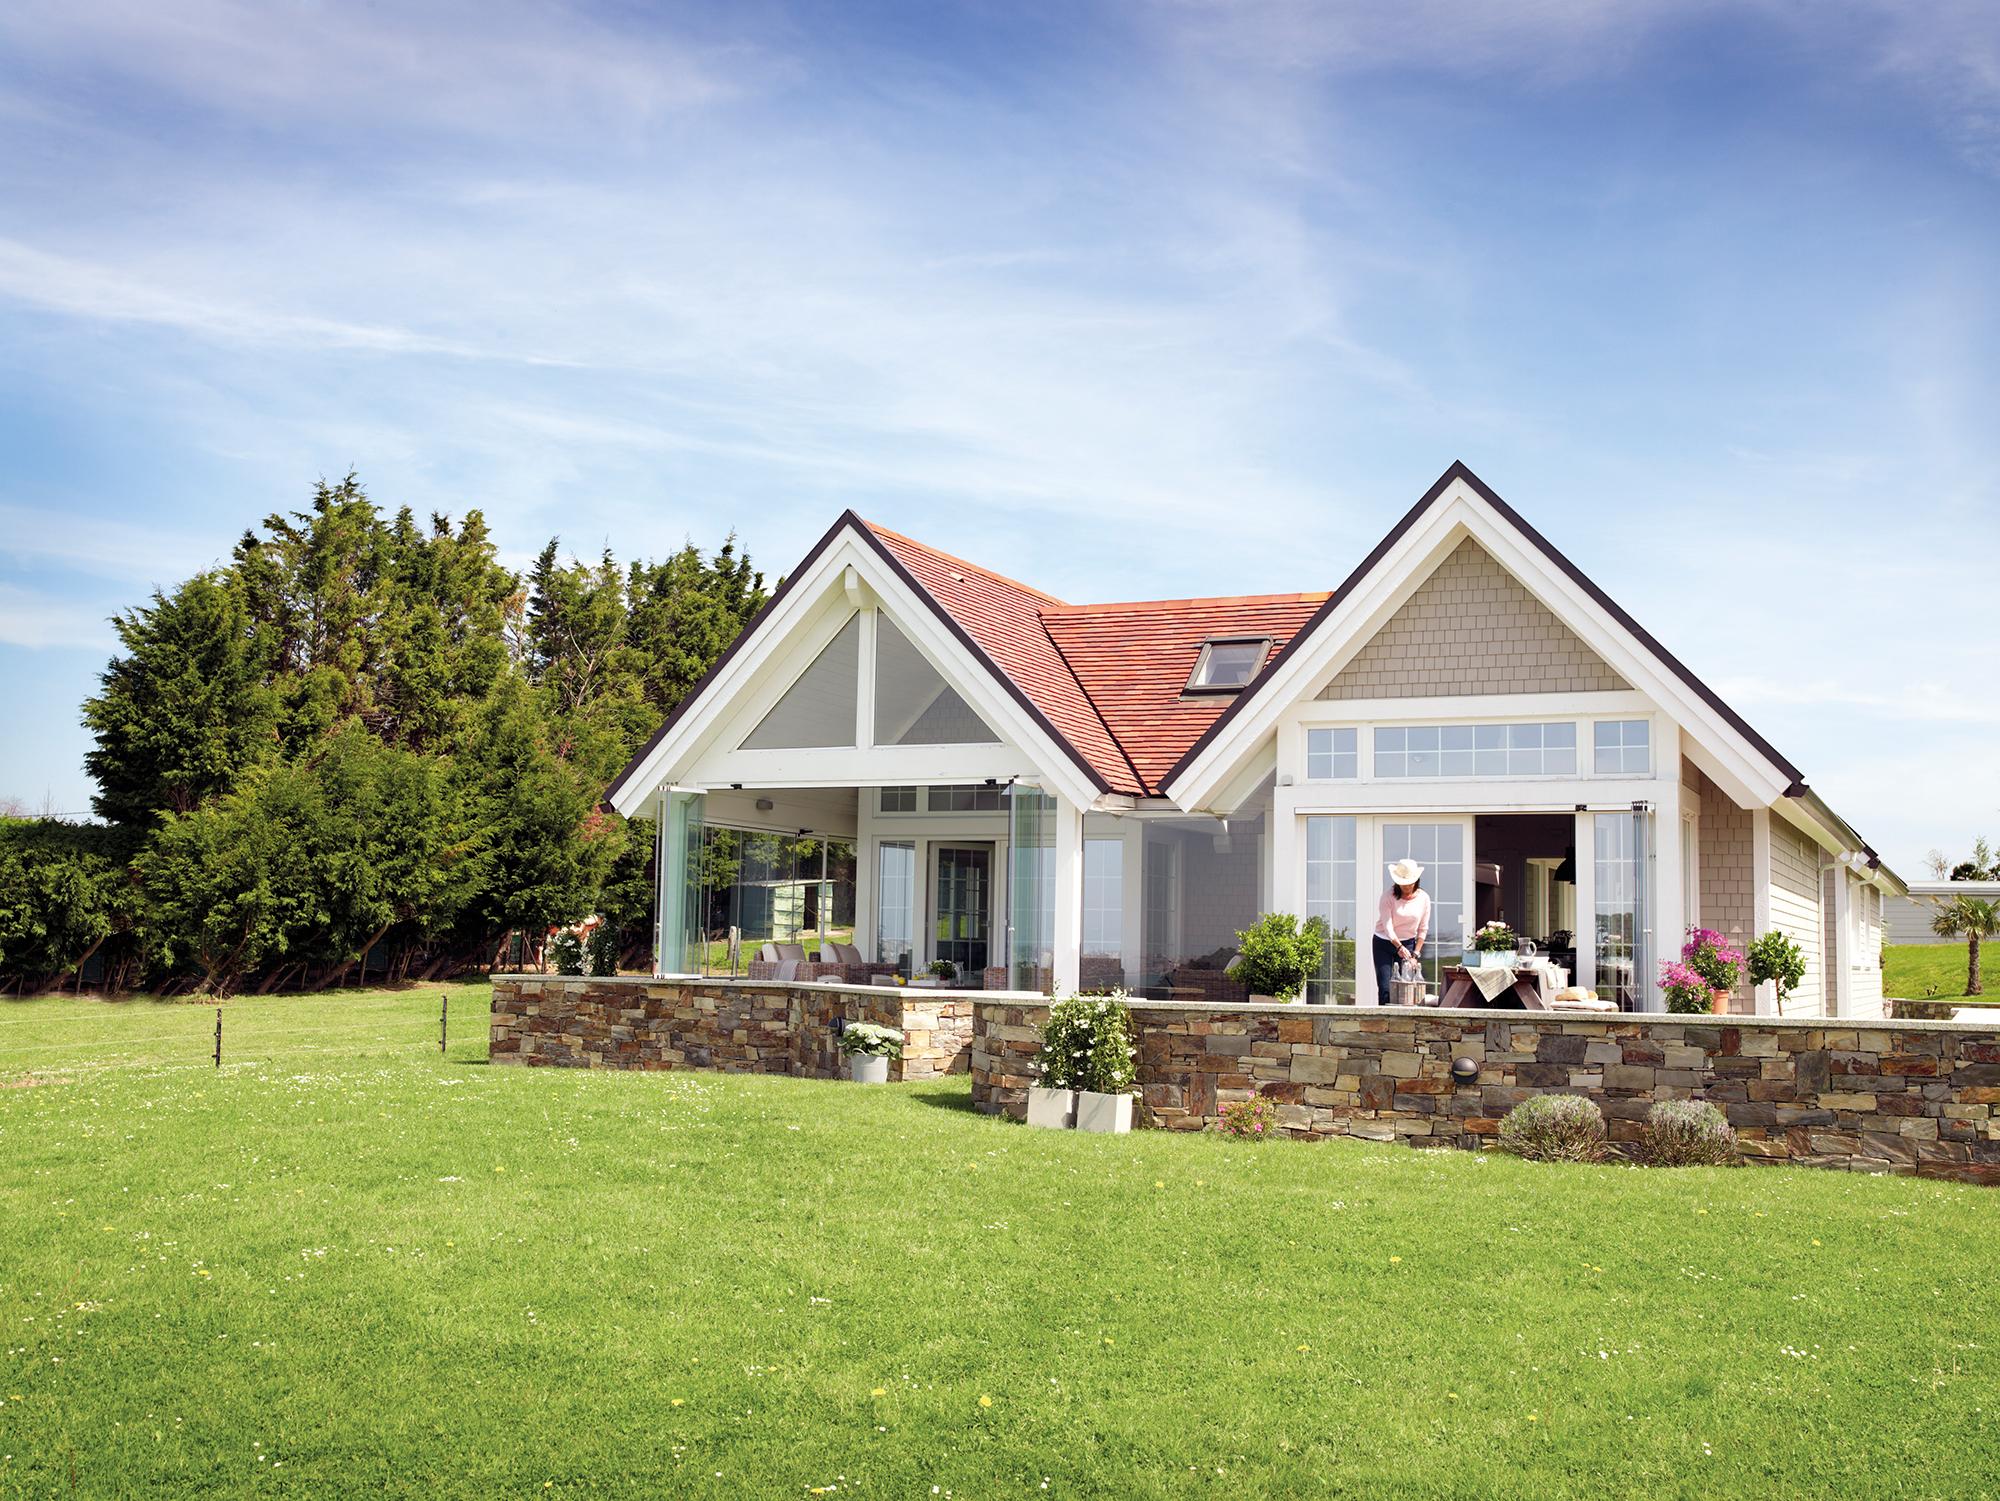 Casas de madera pros y contras for Casas con jardin